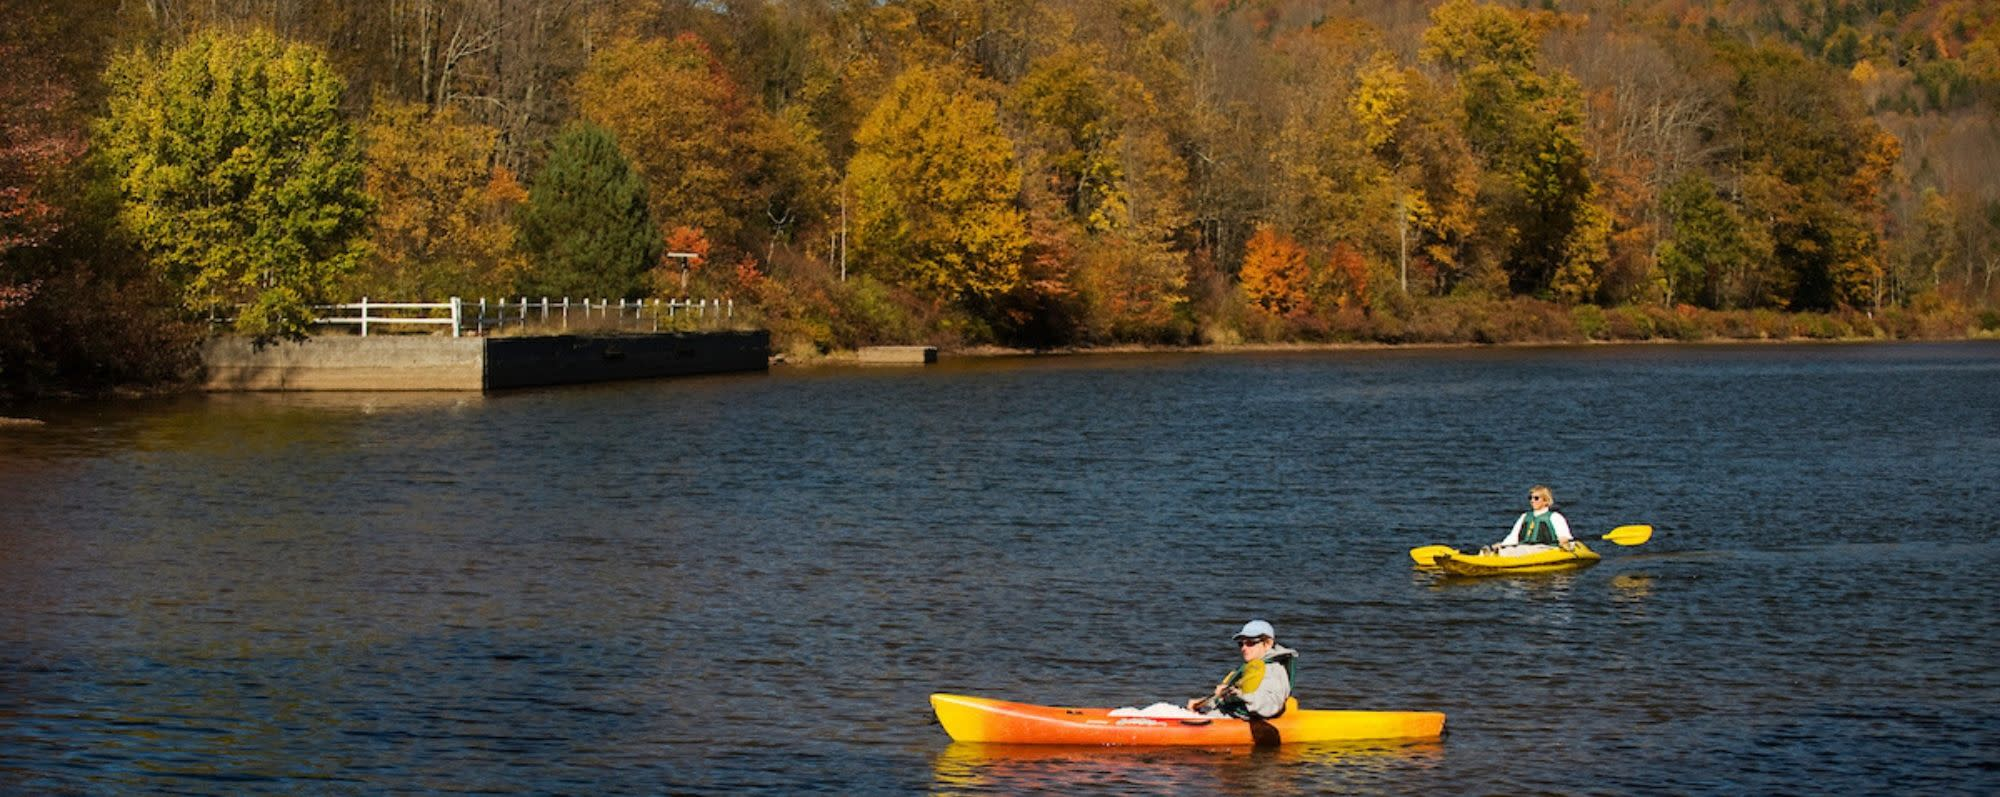 Kayaking on Wawaka Lake